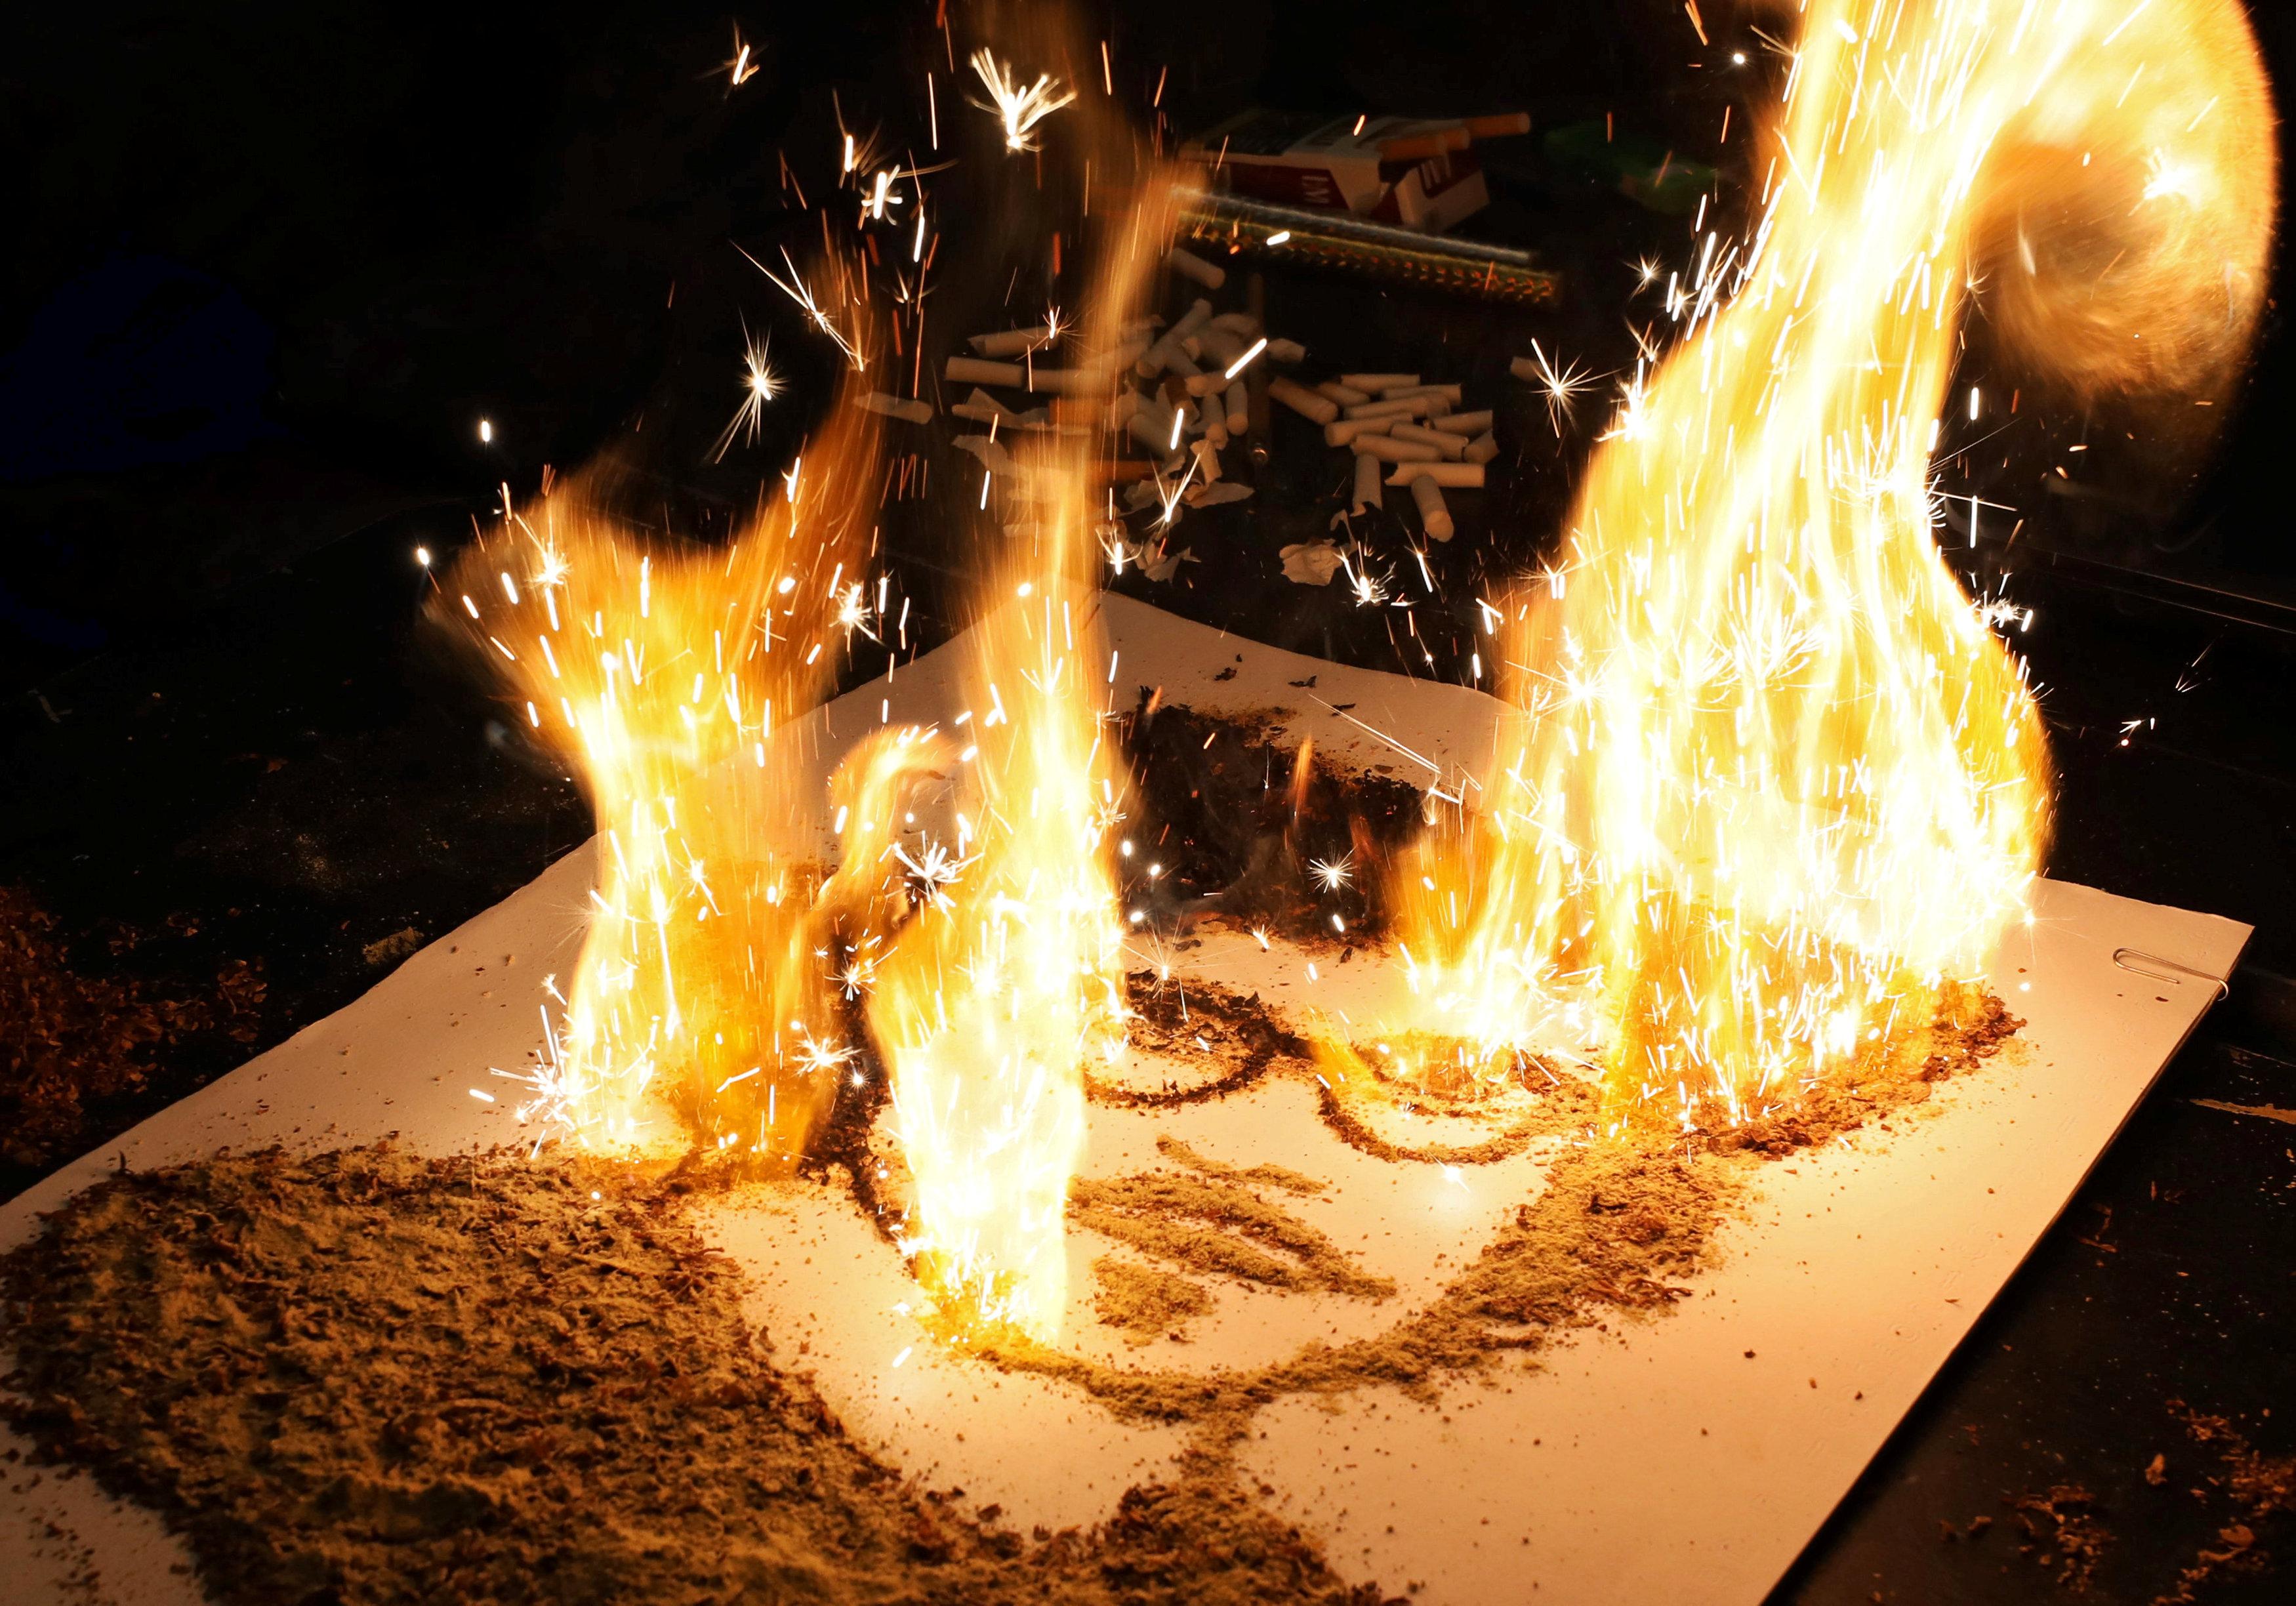 فنان مصري يضرم النار في لوحات